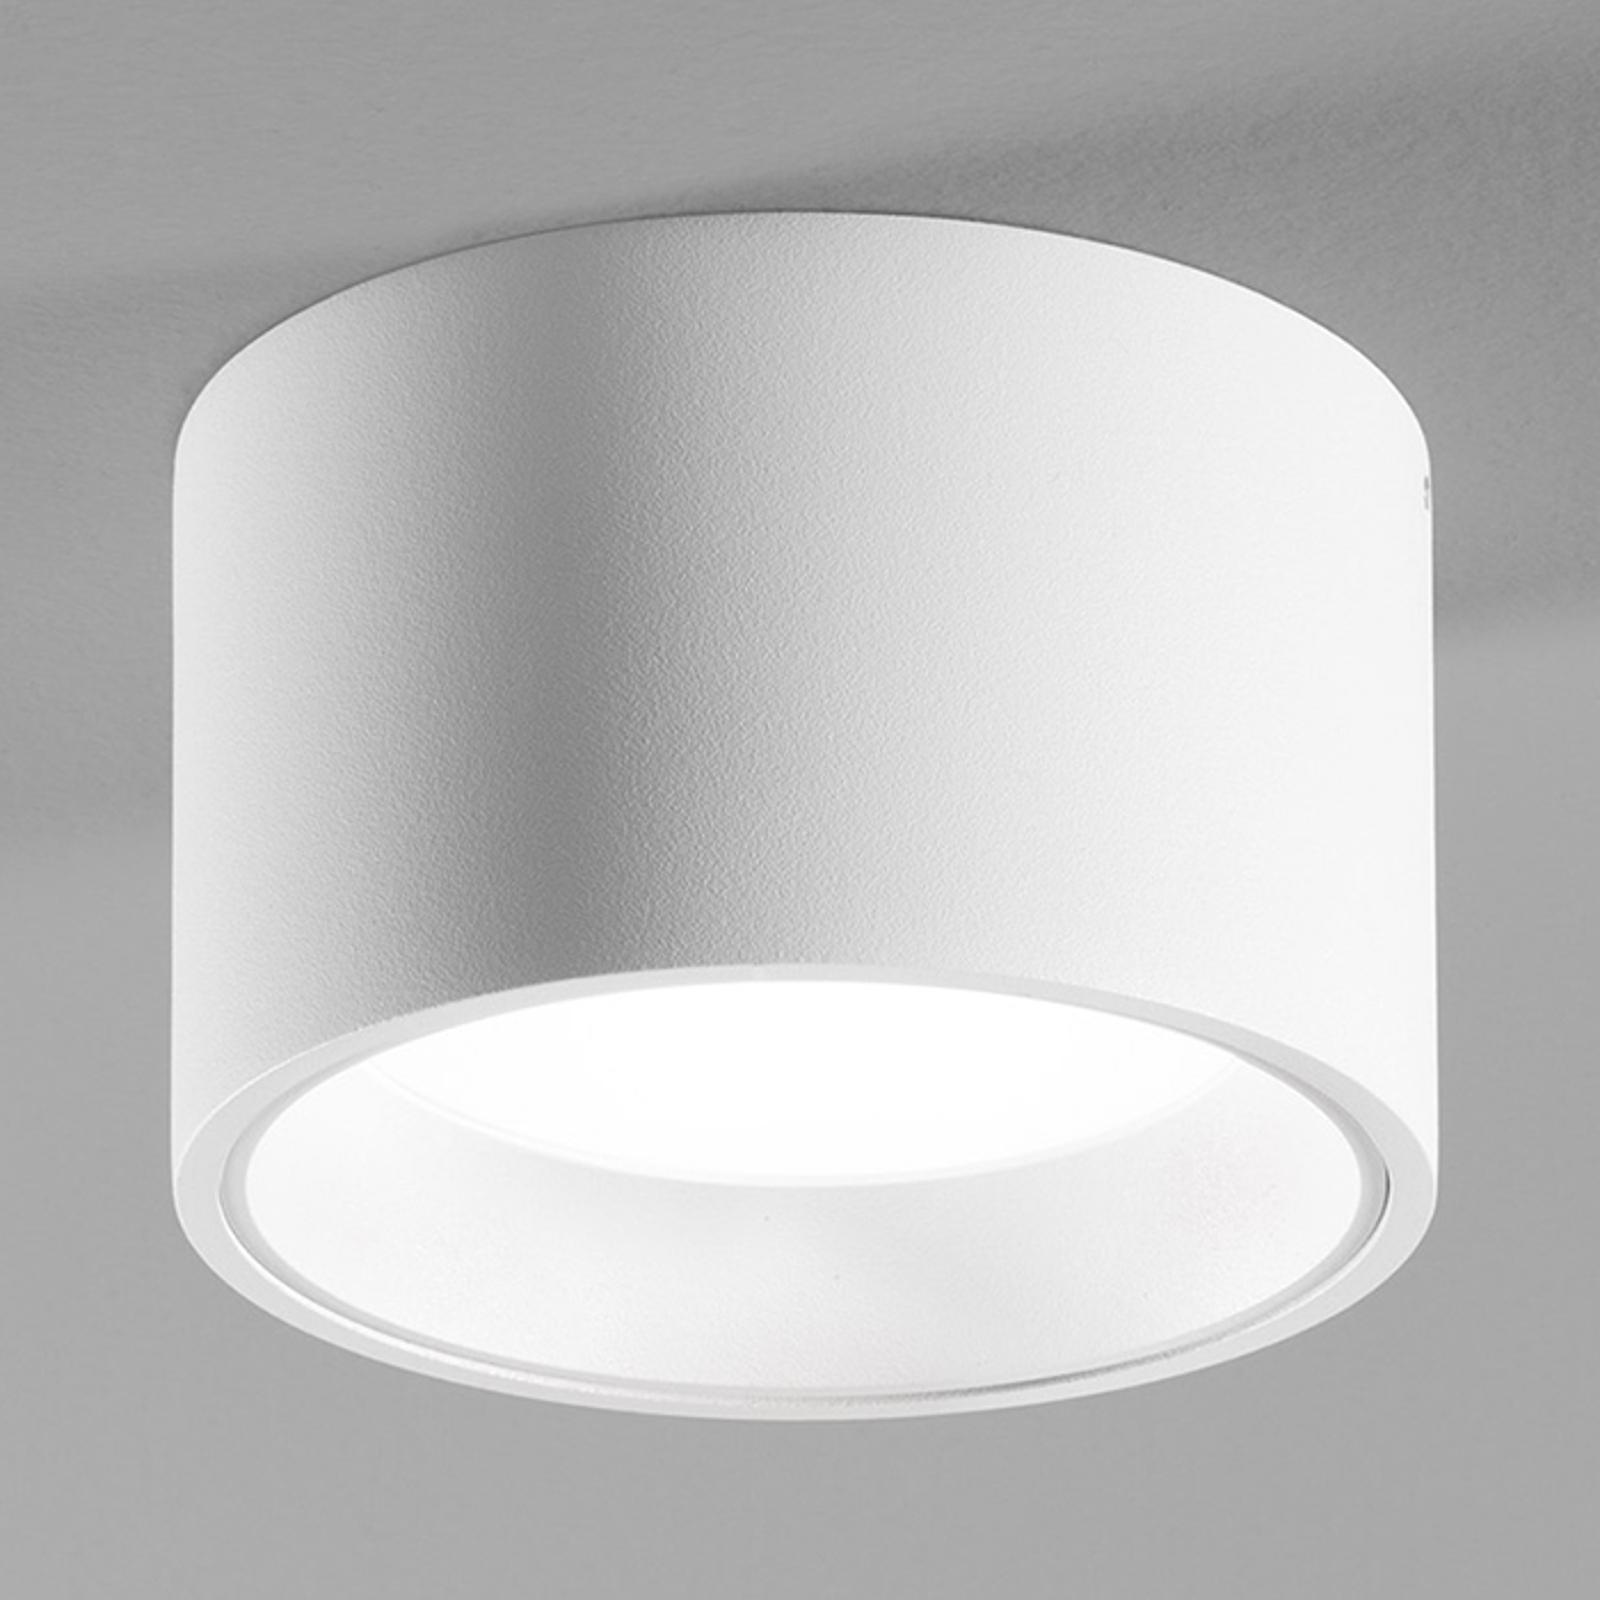 Biała lampa sufitowa LED Ringo z IP54